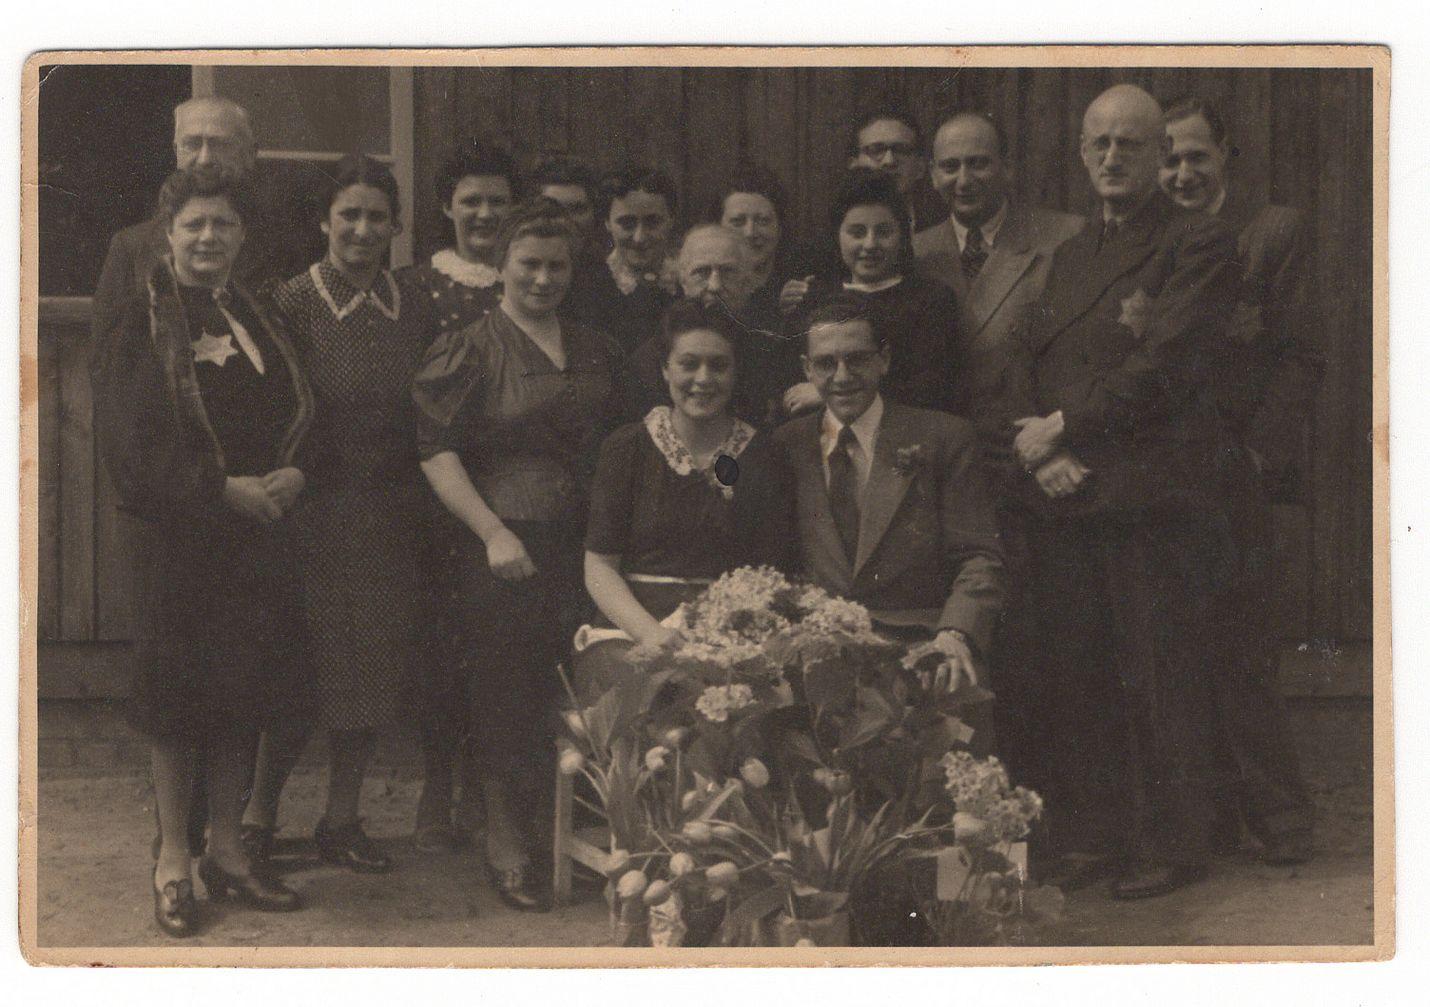 """Hollantilainen lääkäri ja psykiatri Eddy de Wind meni naimisiin sairaanhoitaja Frieda """"Friedel"""" Komornikin kanssa Westerborkin kokoamisleirillä. Juutalainen pari joutui yhdessä Auschwitzin keskitysleirille Puolaan vuonna 1943 ja erosi 12 vuotta sodan päättymisen ja leirin vapauttamisen jälkeen."""